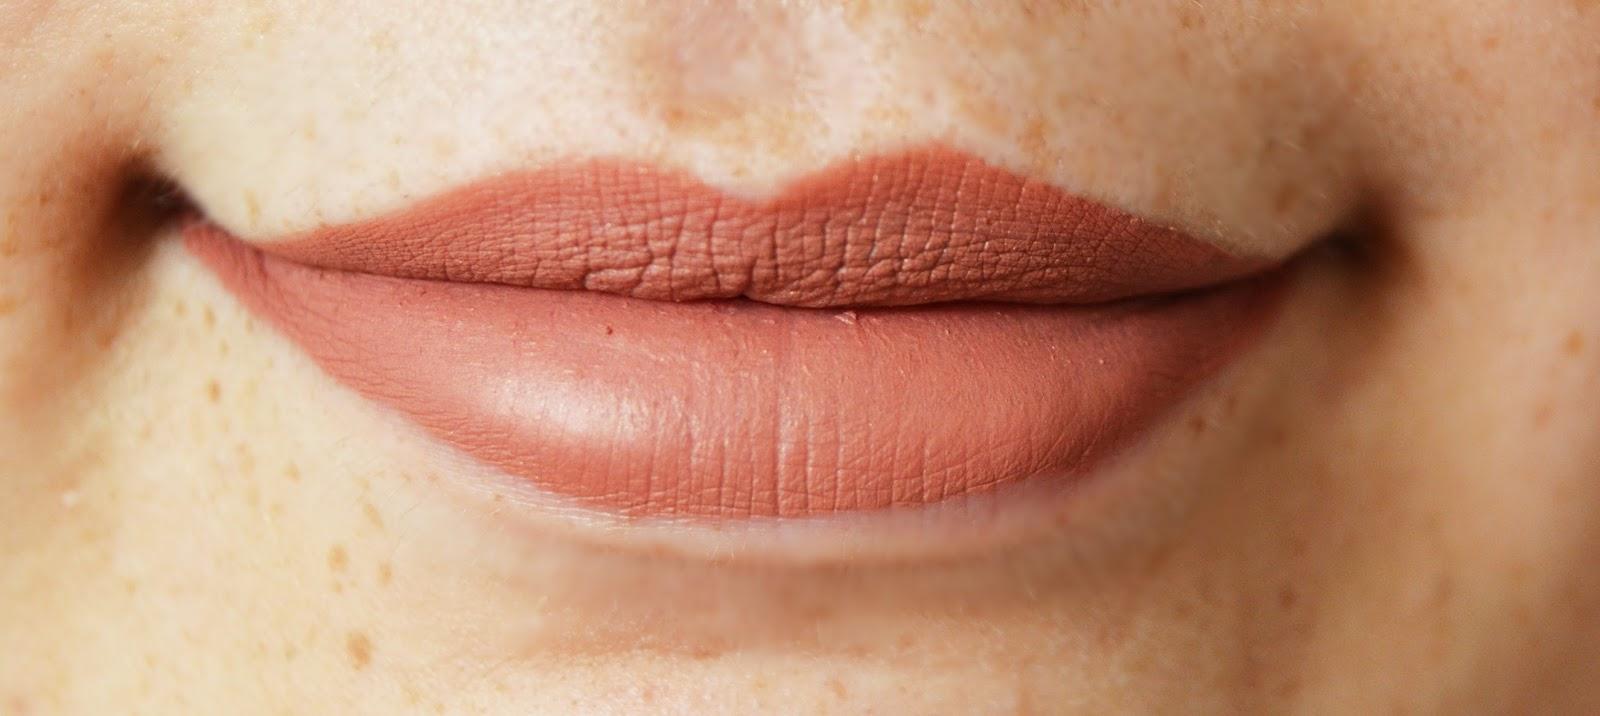 pretty little lawyer sephora cream lip stain en estas fotos vais a poder comprobar la textura que se queda y su pigmentación está claro que los labiales mate pigmentan y duran muchísimo